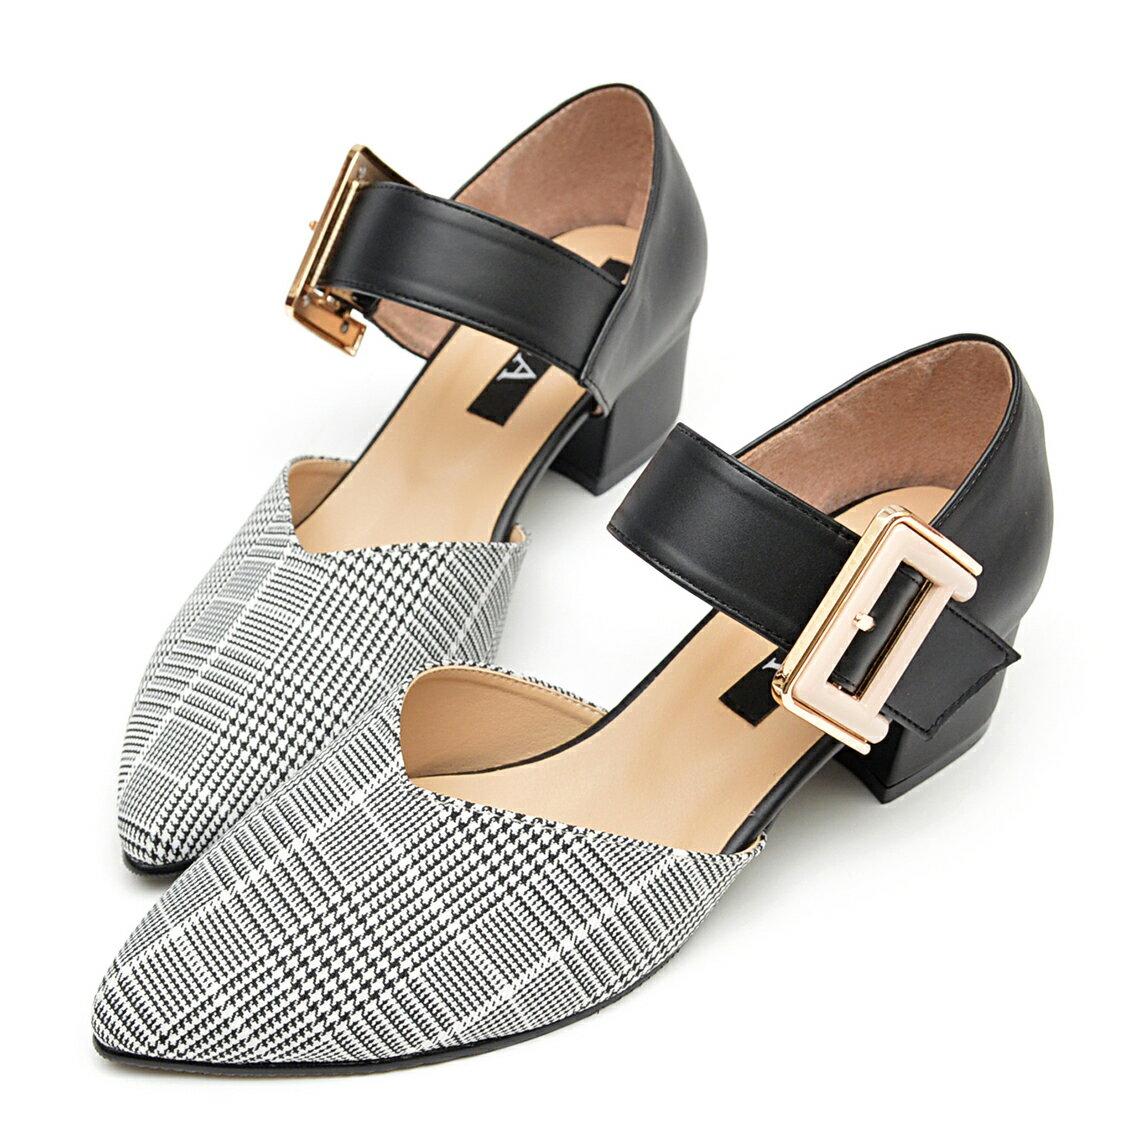 尖頭鞋 時尚大金扣千鳥格低跟鞋-黑紋